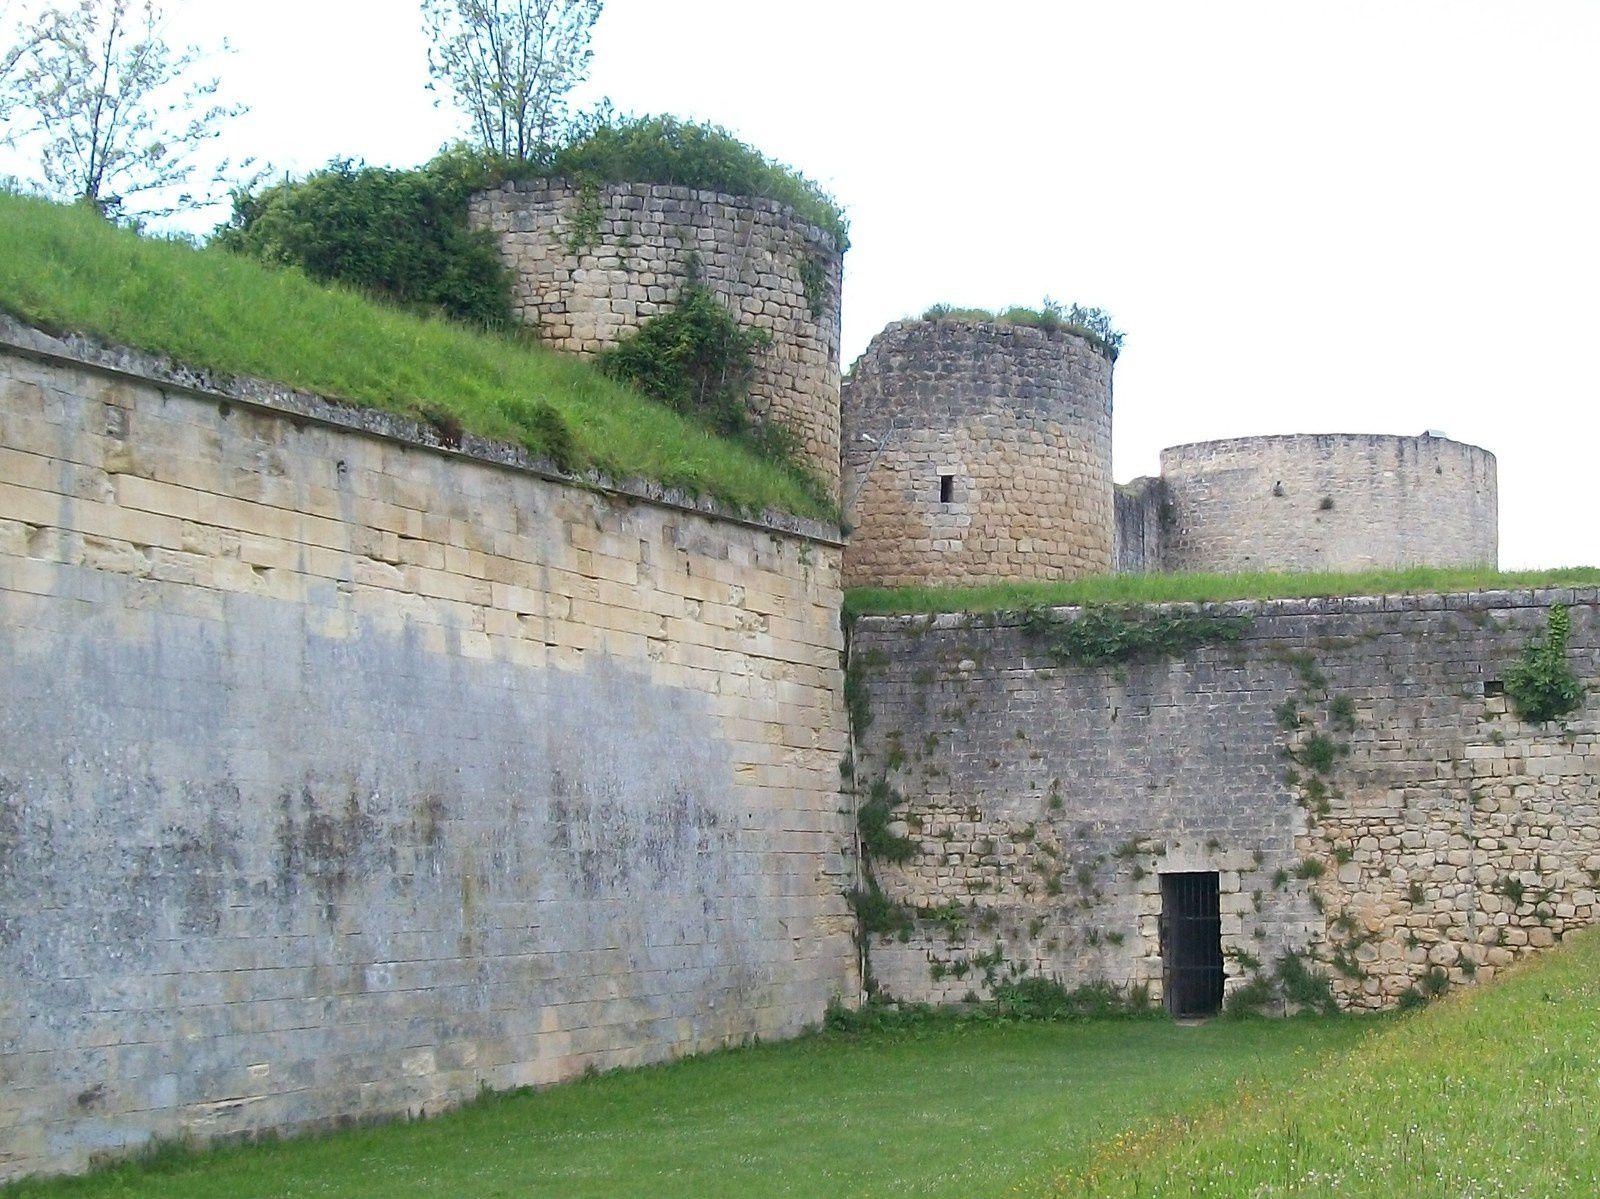 les 3 tours du château dans les fortifications de Vauban, les ruines et la porte du château au musée